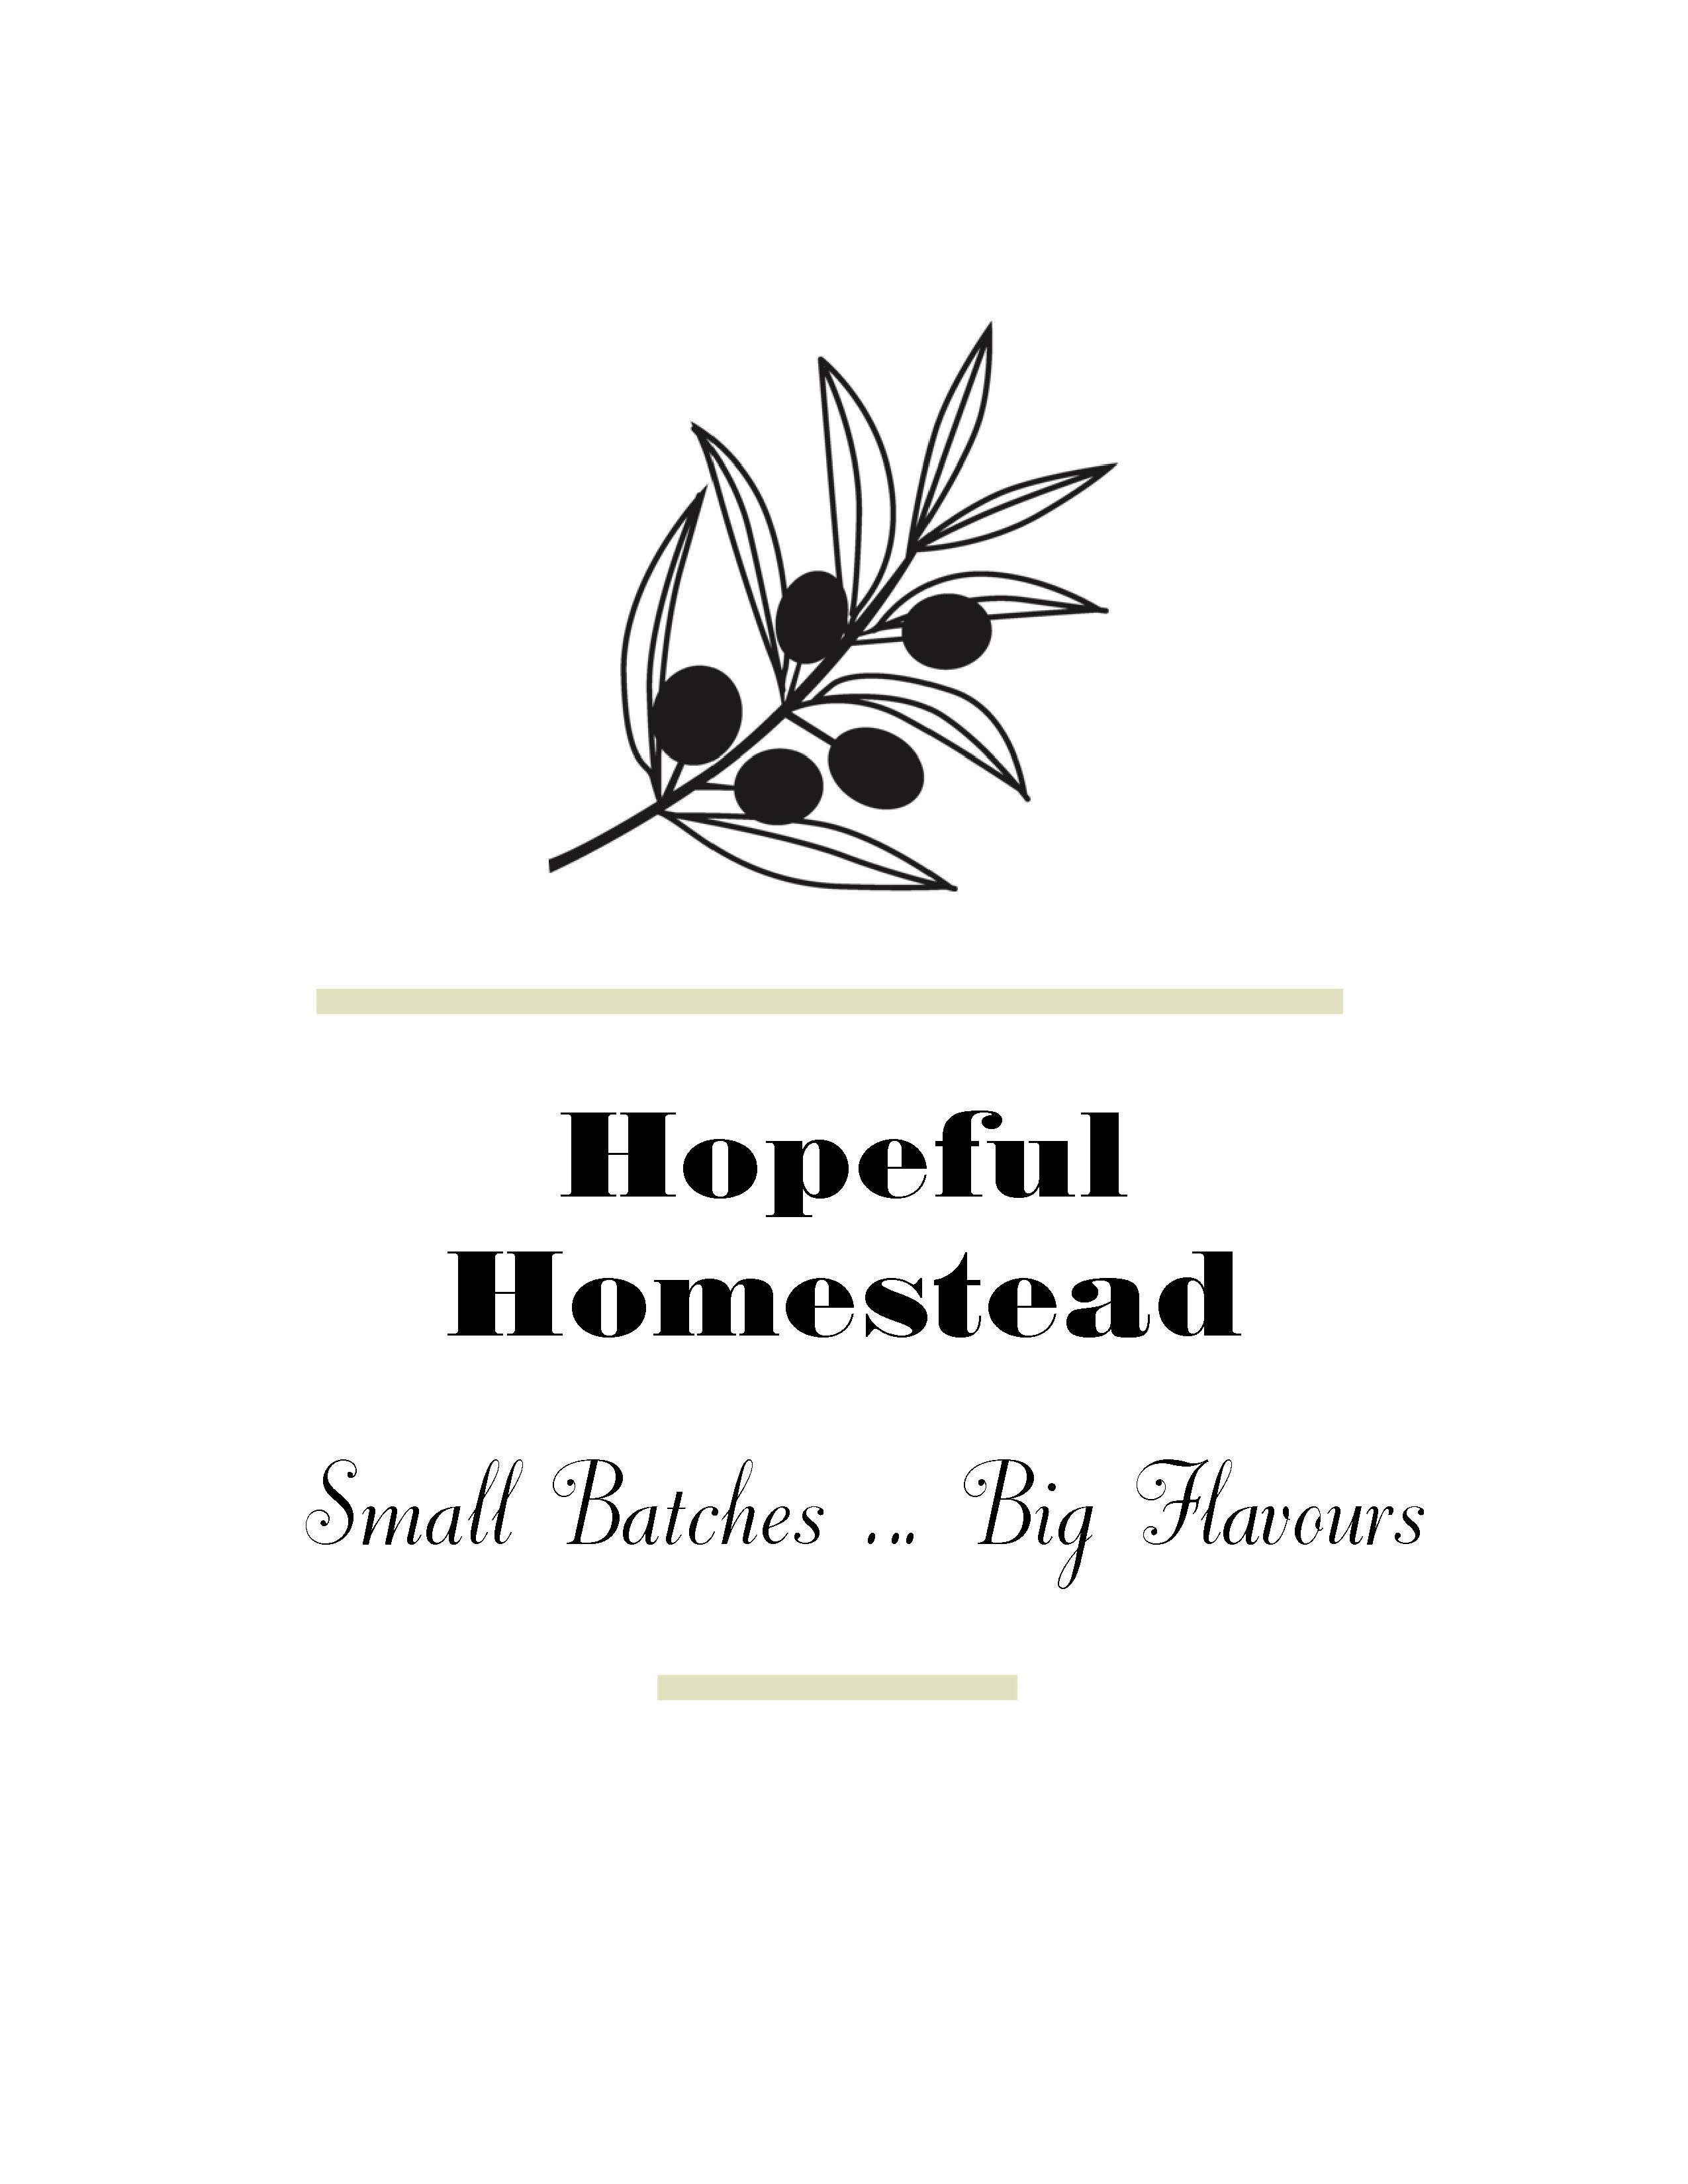 Hopeful Homestead